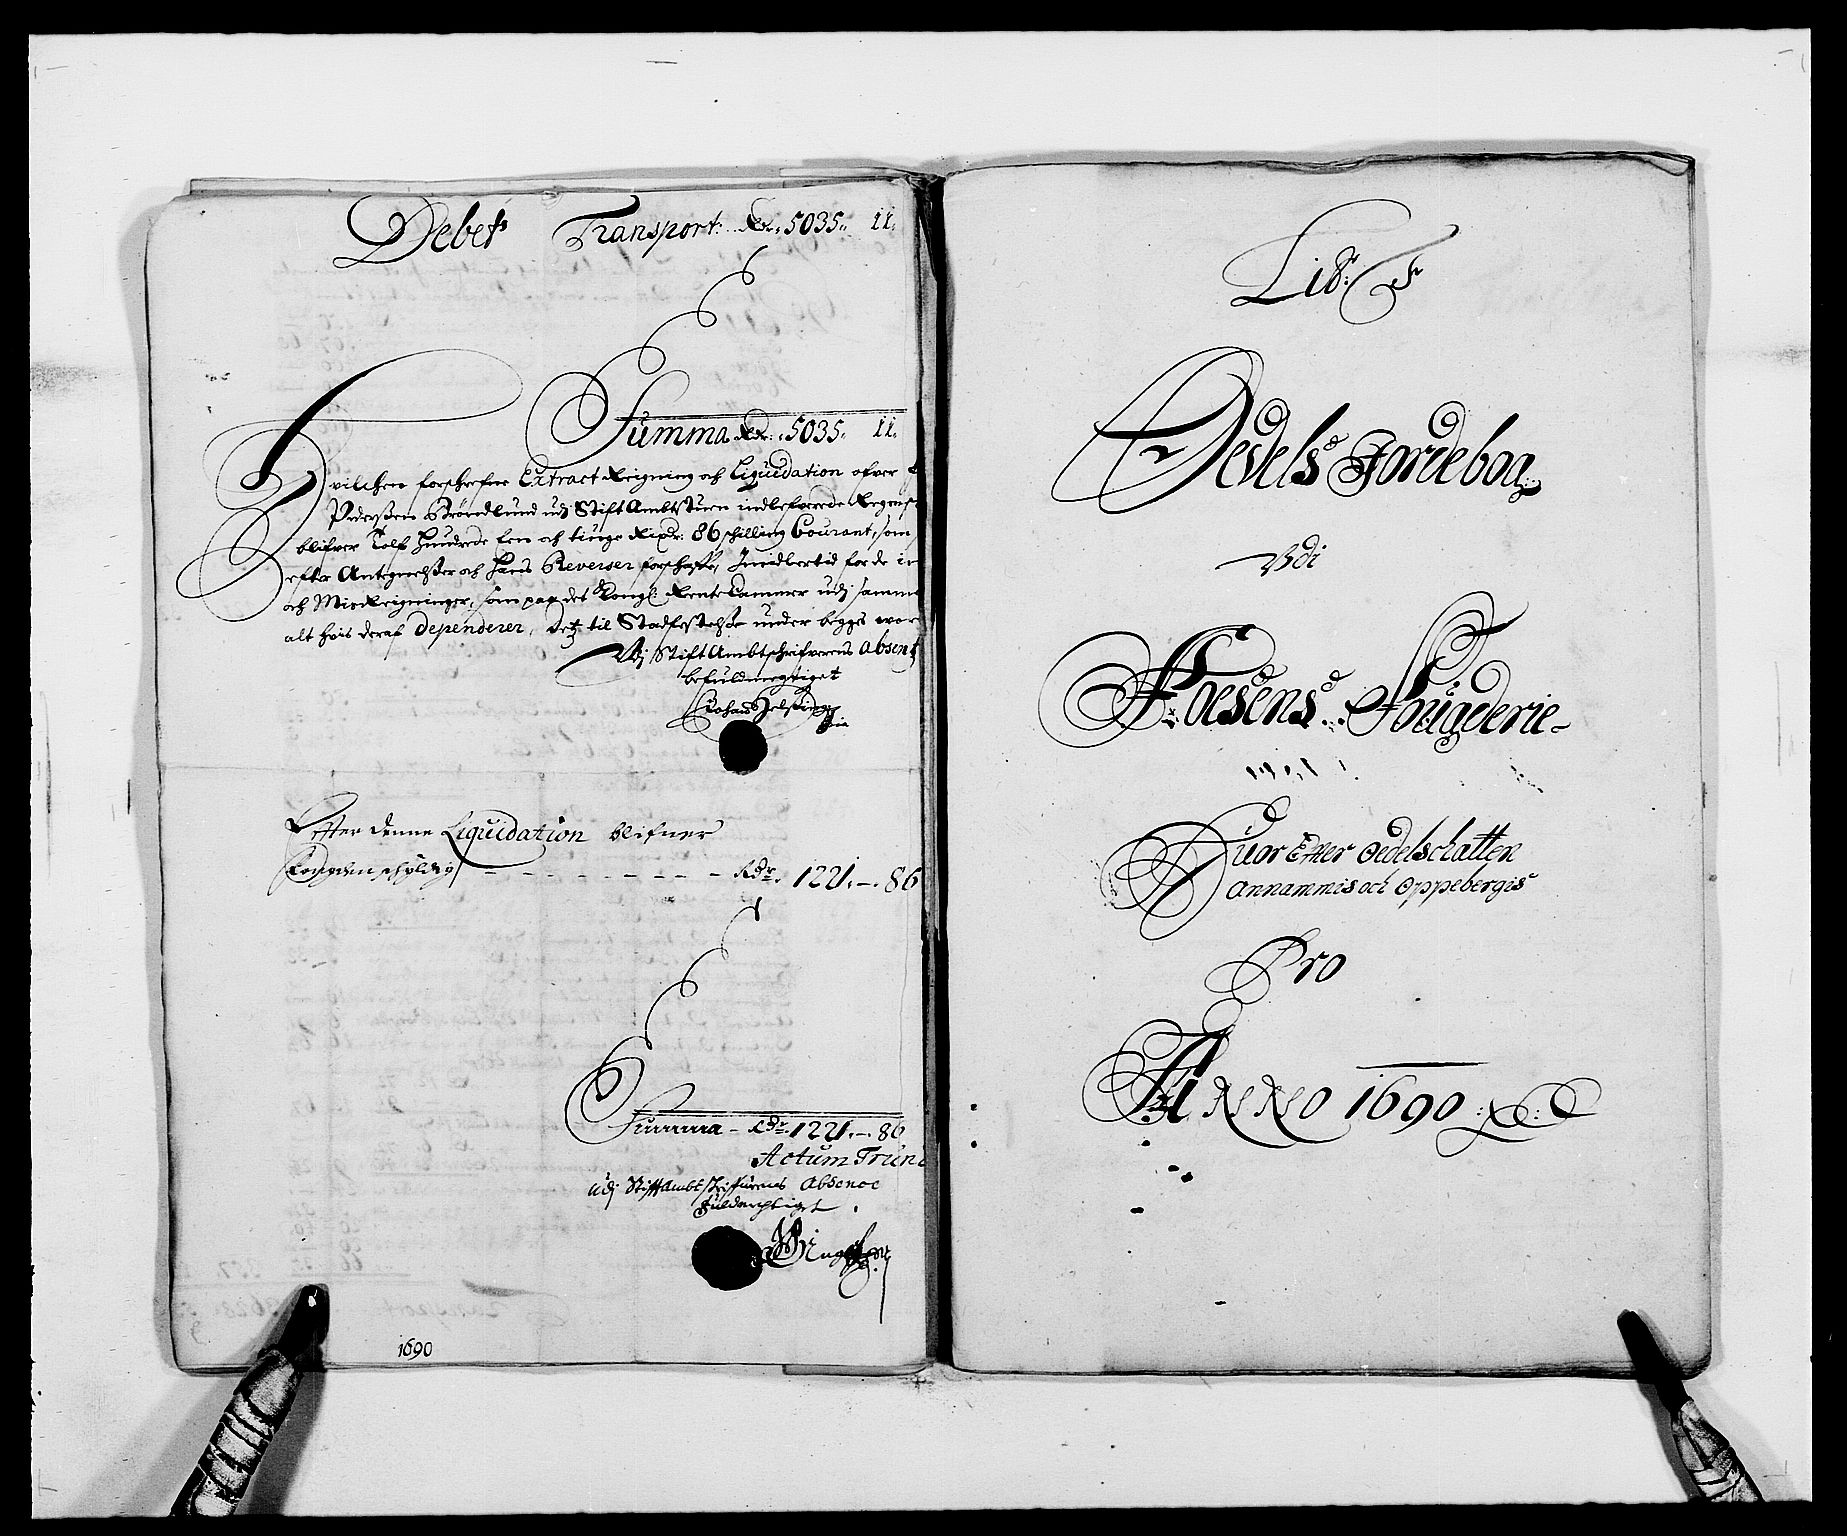 RA, Rentekammeret inntil 1814, Reviderte regnskaper, Fogderegnskap, R57/L3848: Fogderegnskap Fosen, 1690-1691, s. 84